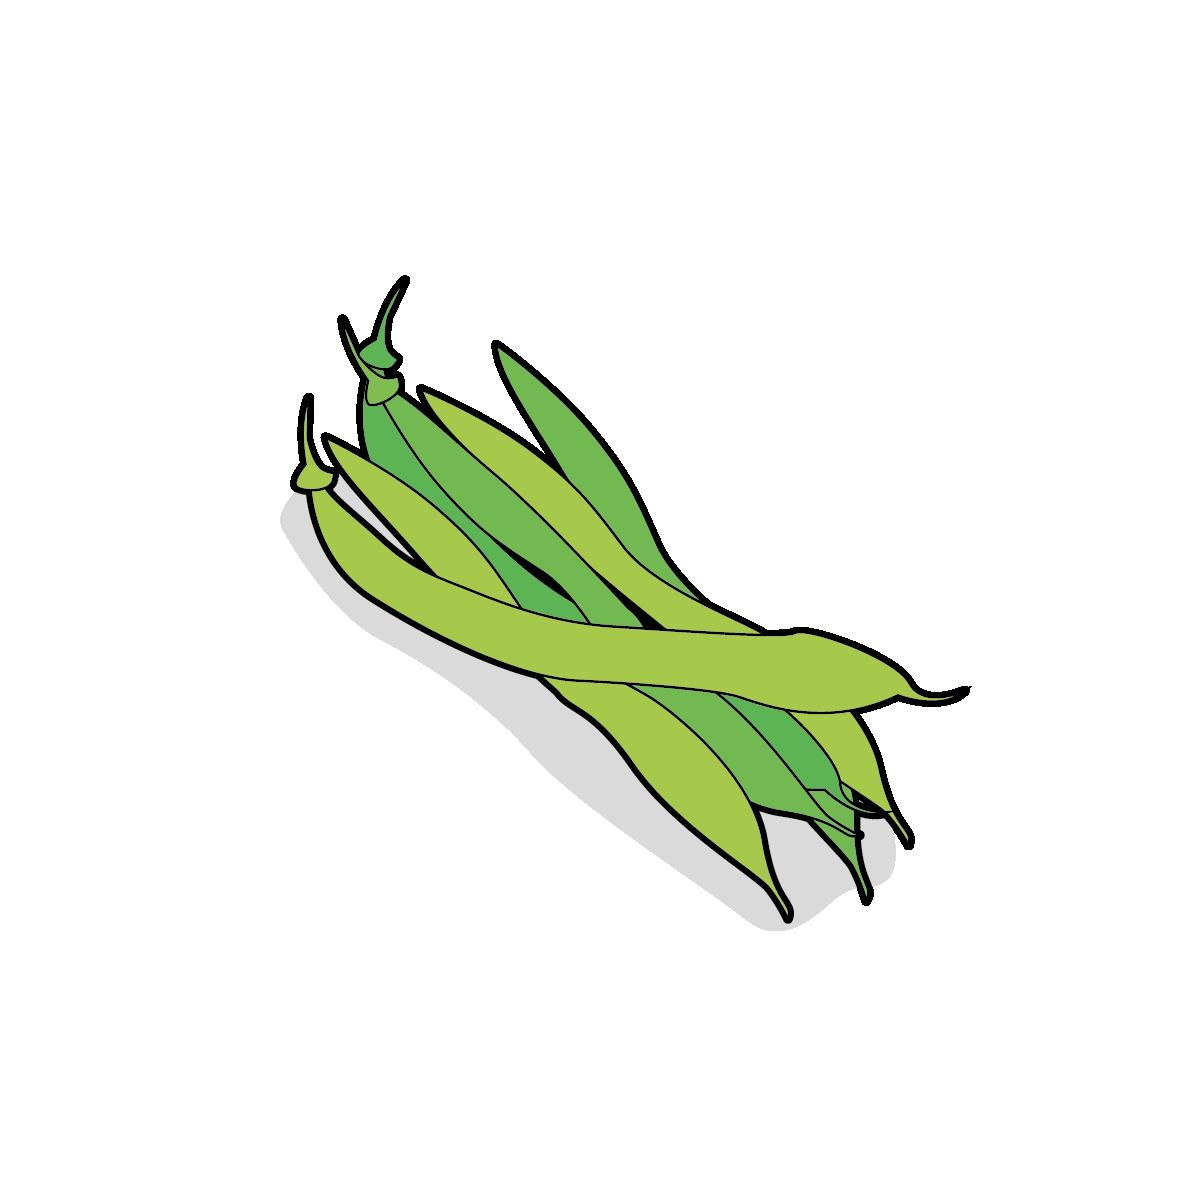 Icone de haricots verts, ailmacocotte.com